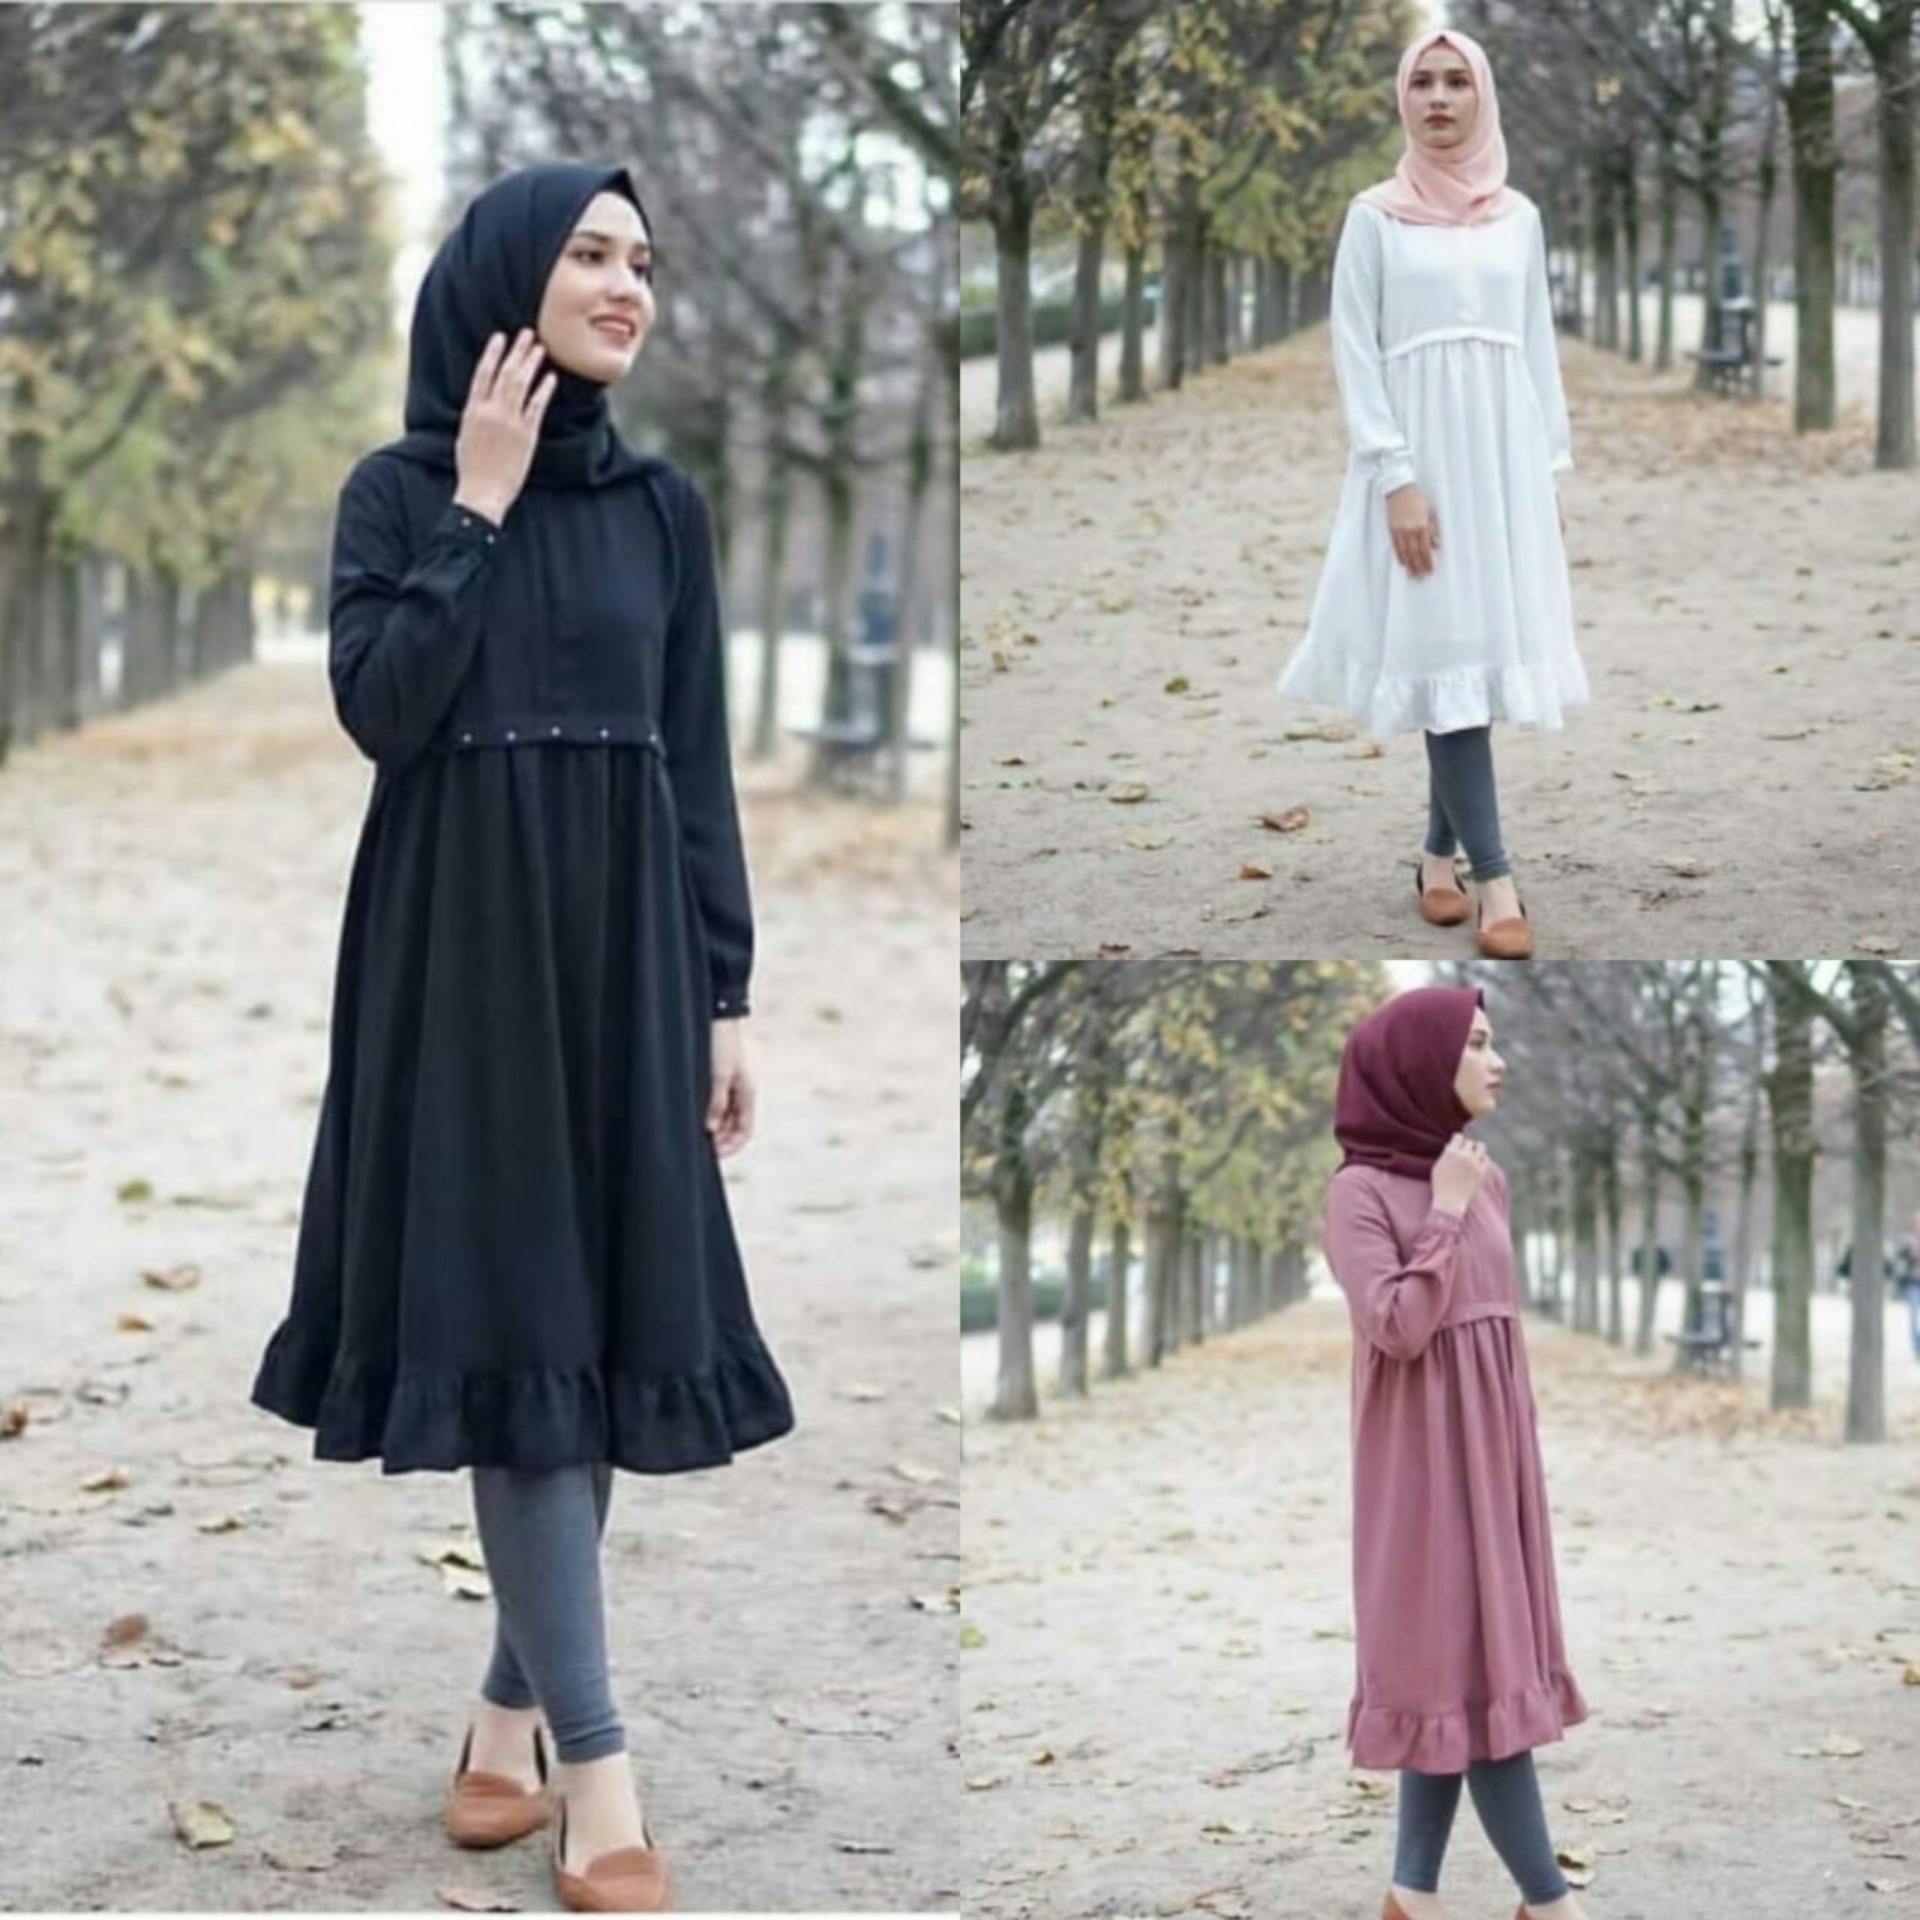 Deluxebrand Andika Tunik Pink Baju Wanita Blouse Korea Atasan Wanita Baju Formal Kemeja Wanita Kemeja Formal Atasan Muslim Kemeja